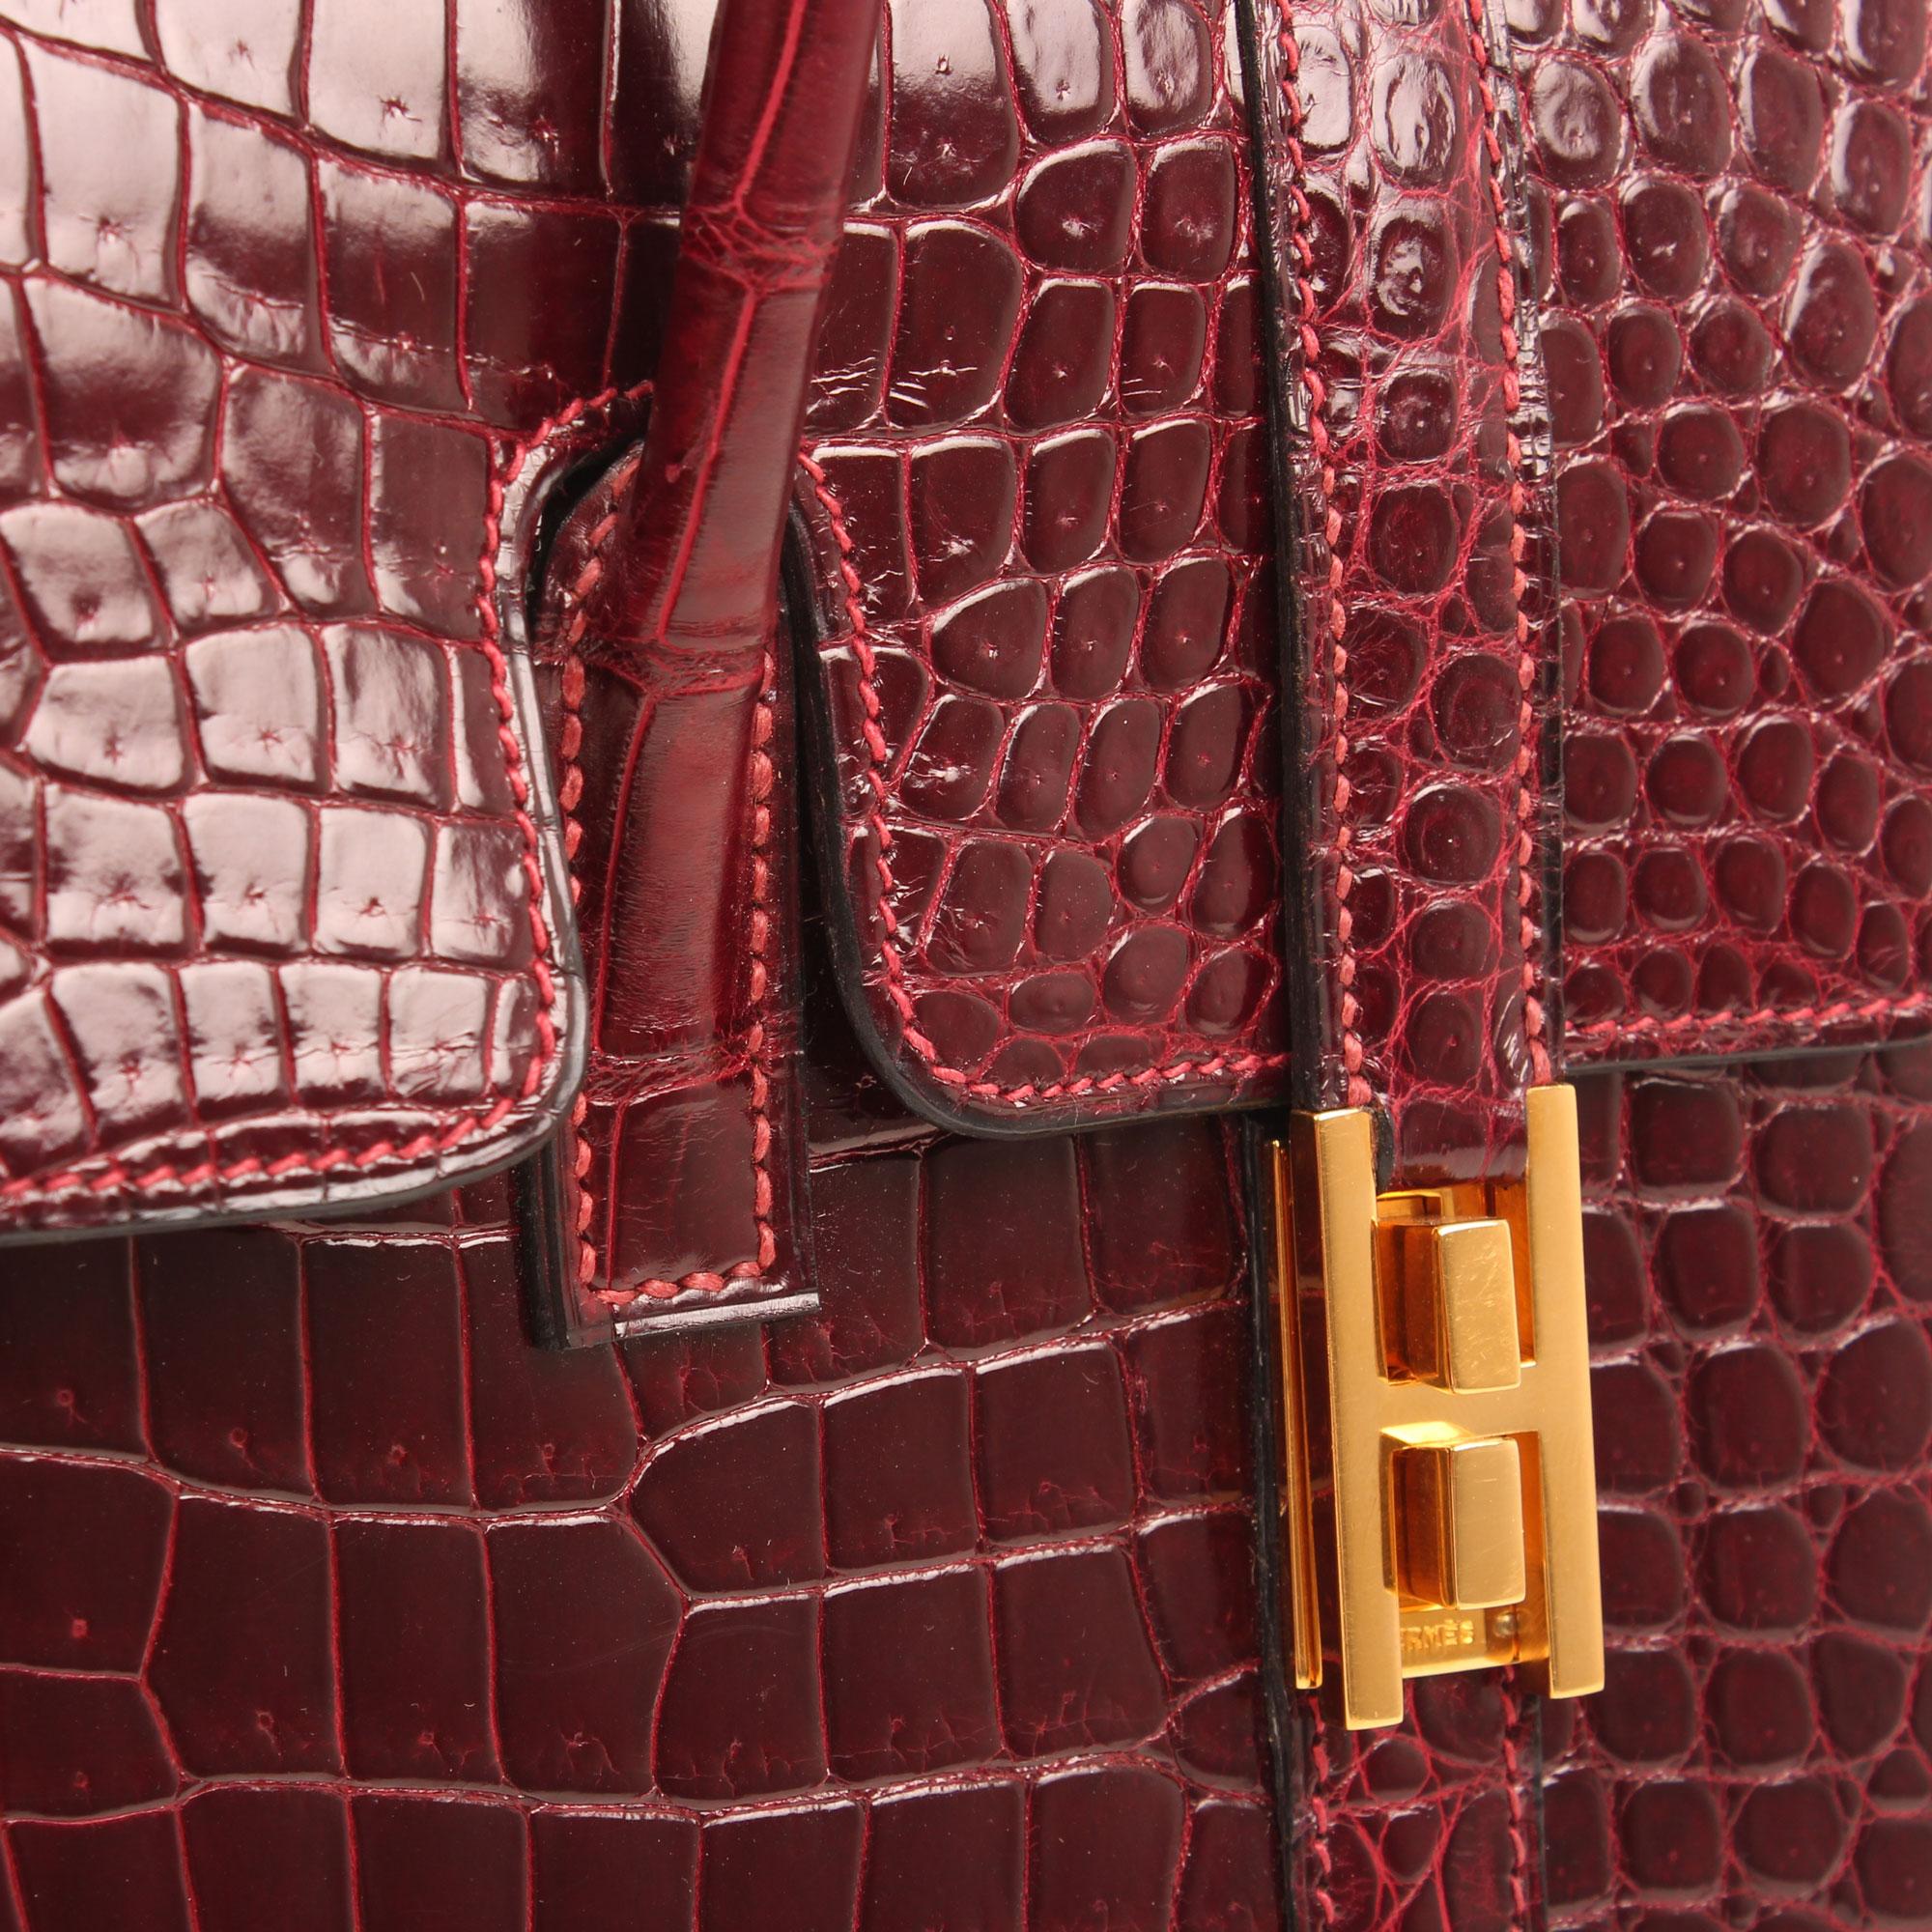 Imagen del cierre del bolso hermes drag vintage cocodrilo poroso color frambuesa